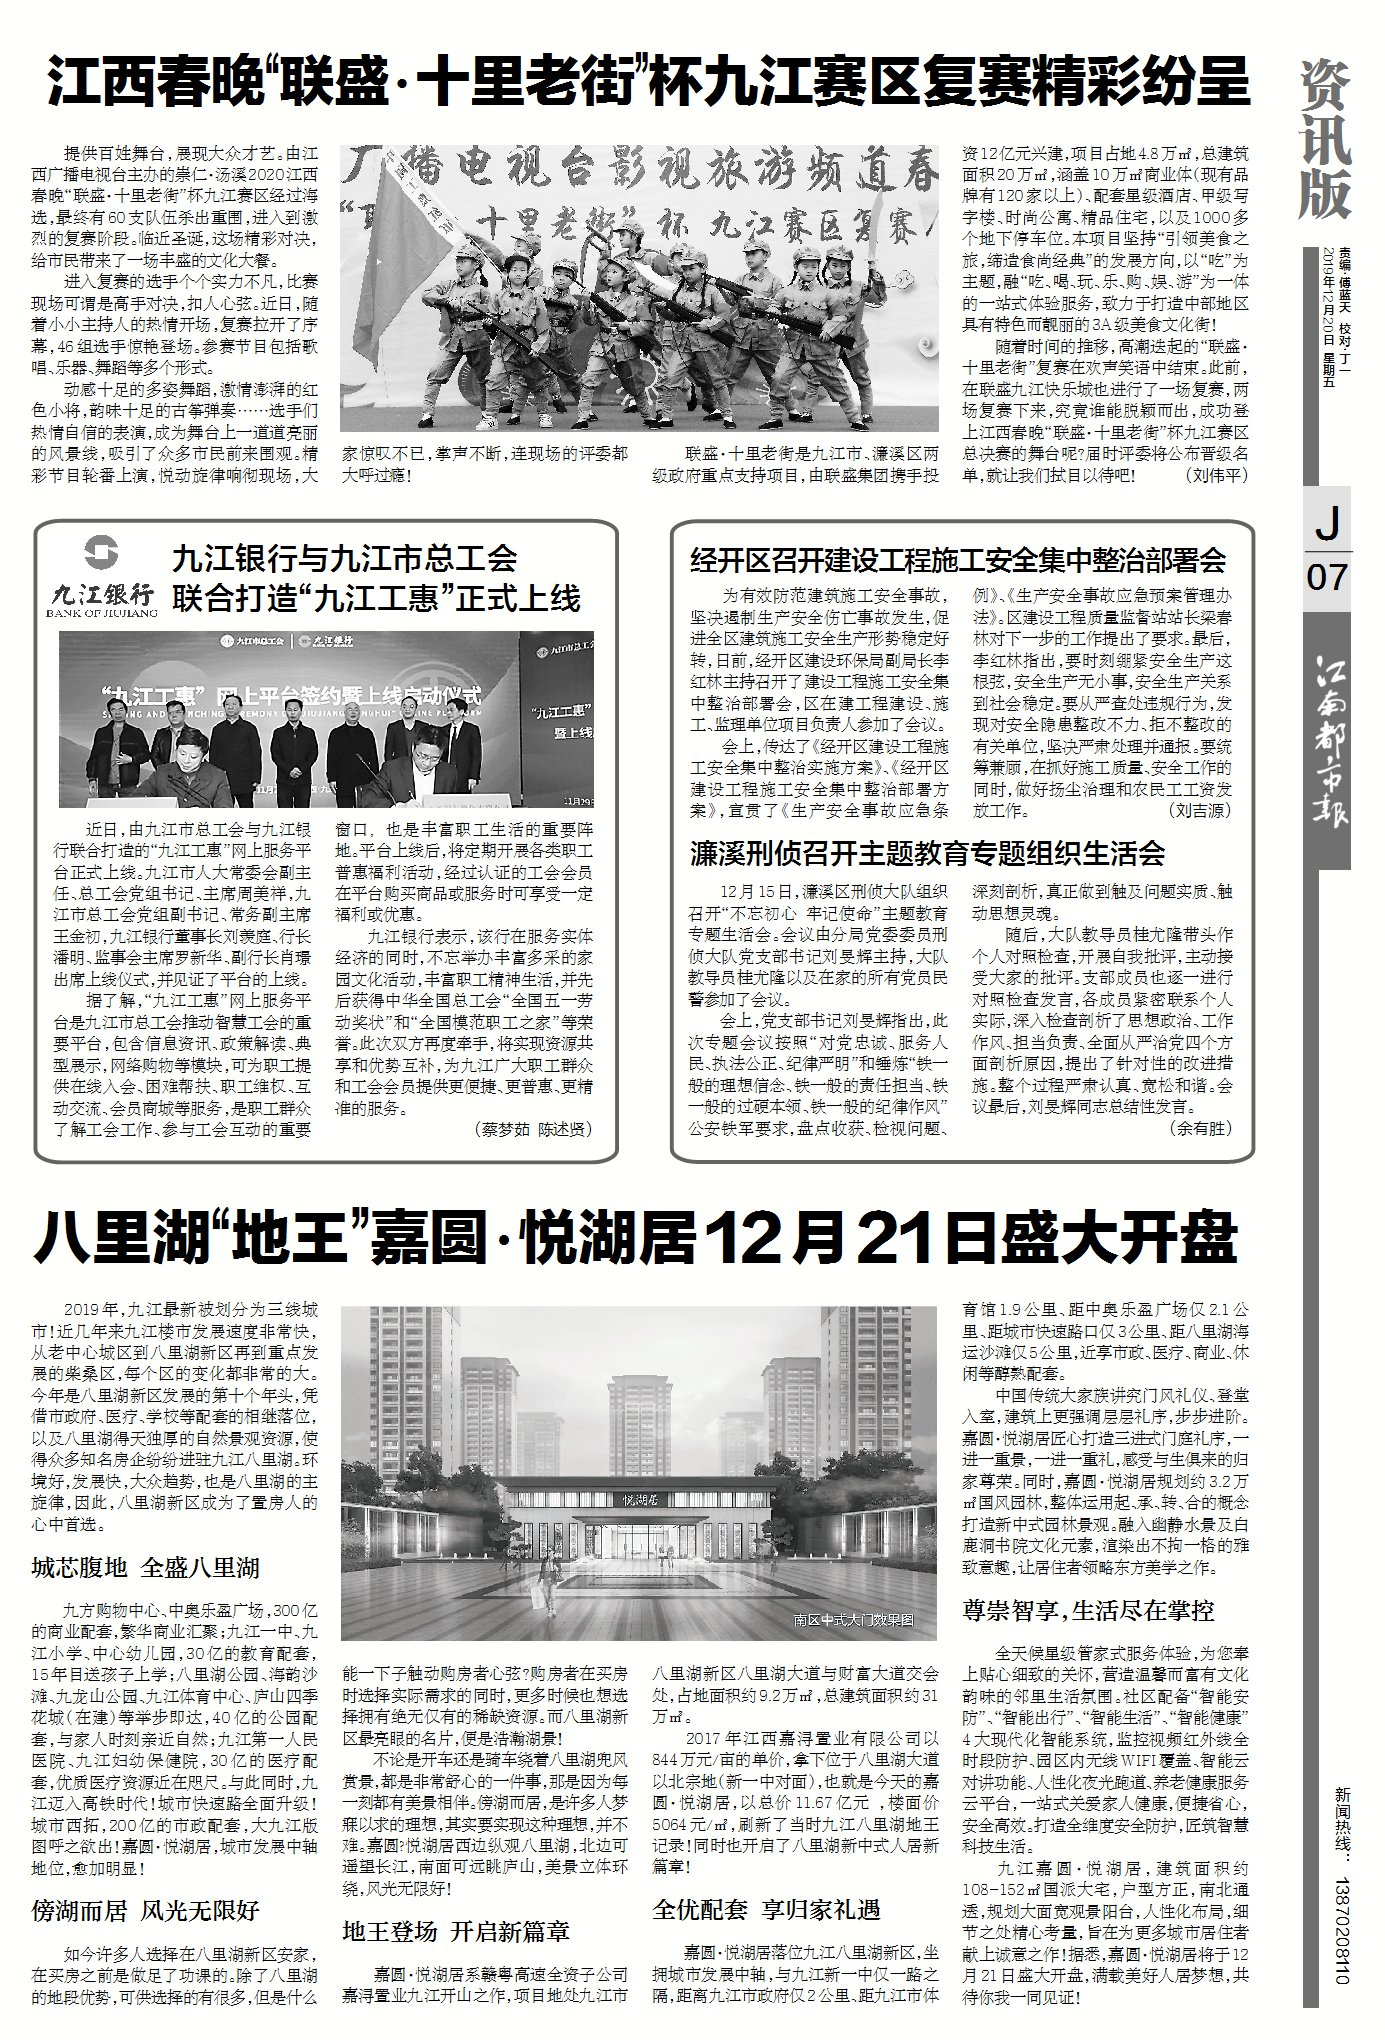 2019年12月20日江南都市报《亚博体育app苹果新闻》7版